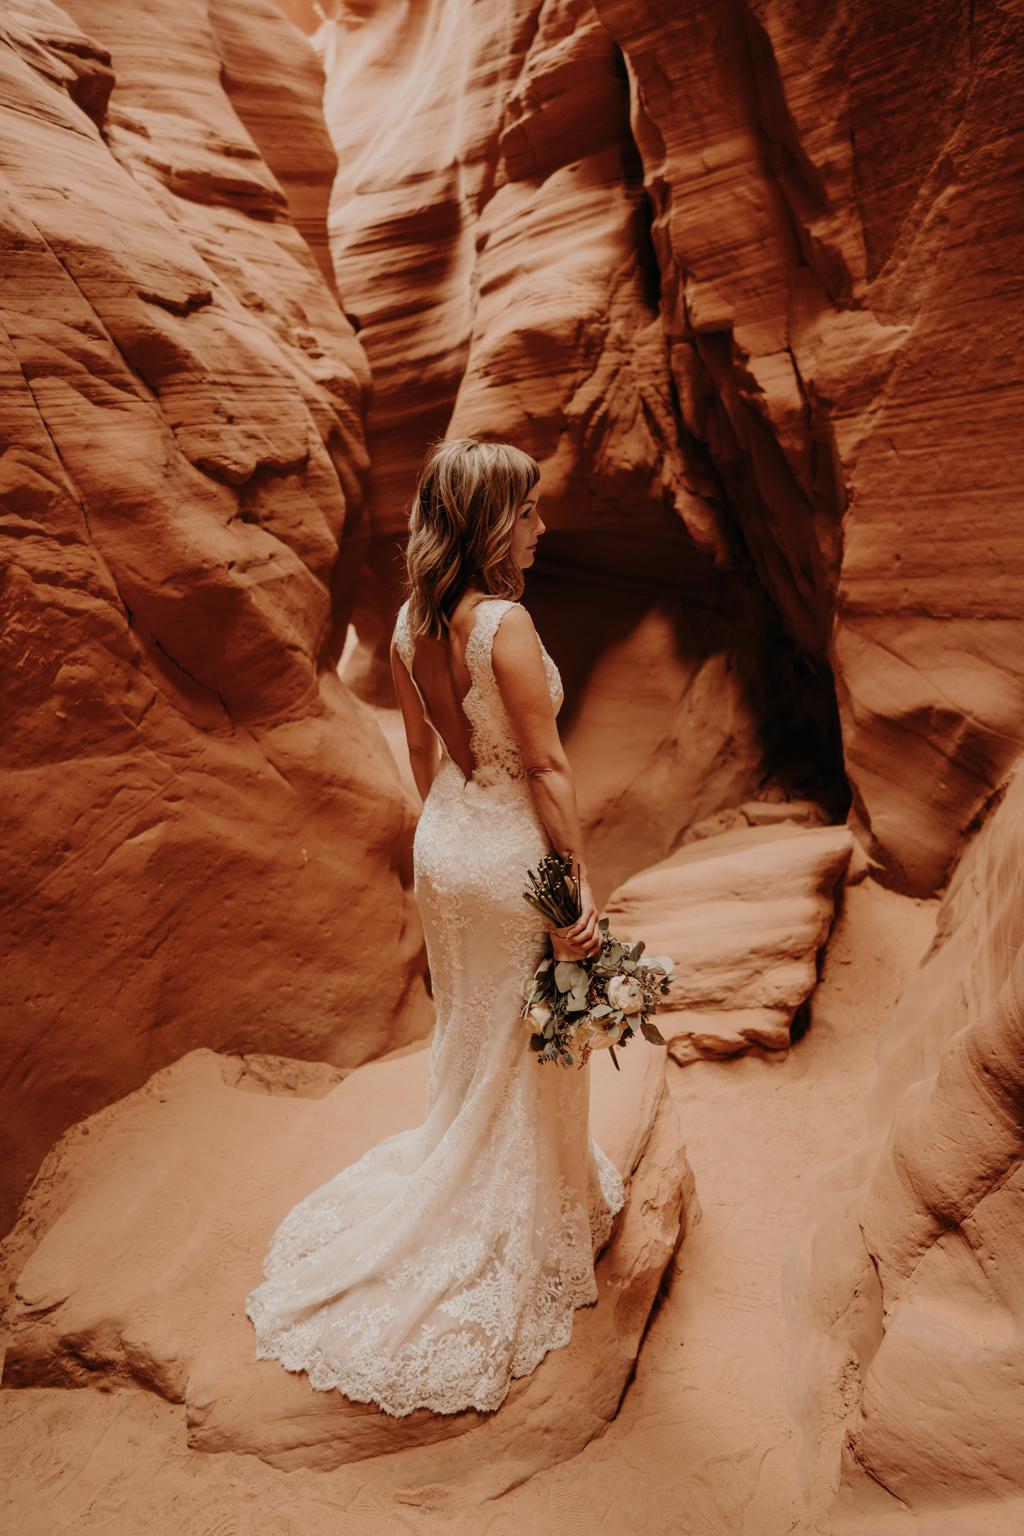 trouweninhetbuitenland_huwelijksfotografie_roxannedankers-32.jpg